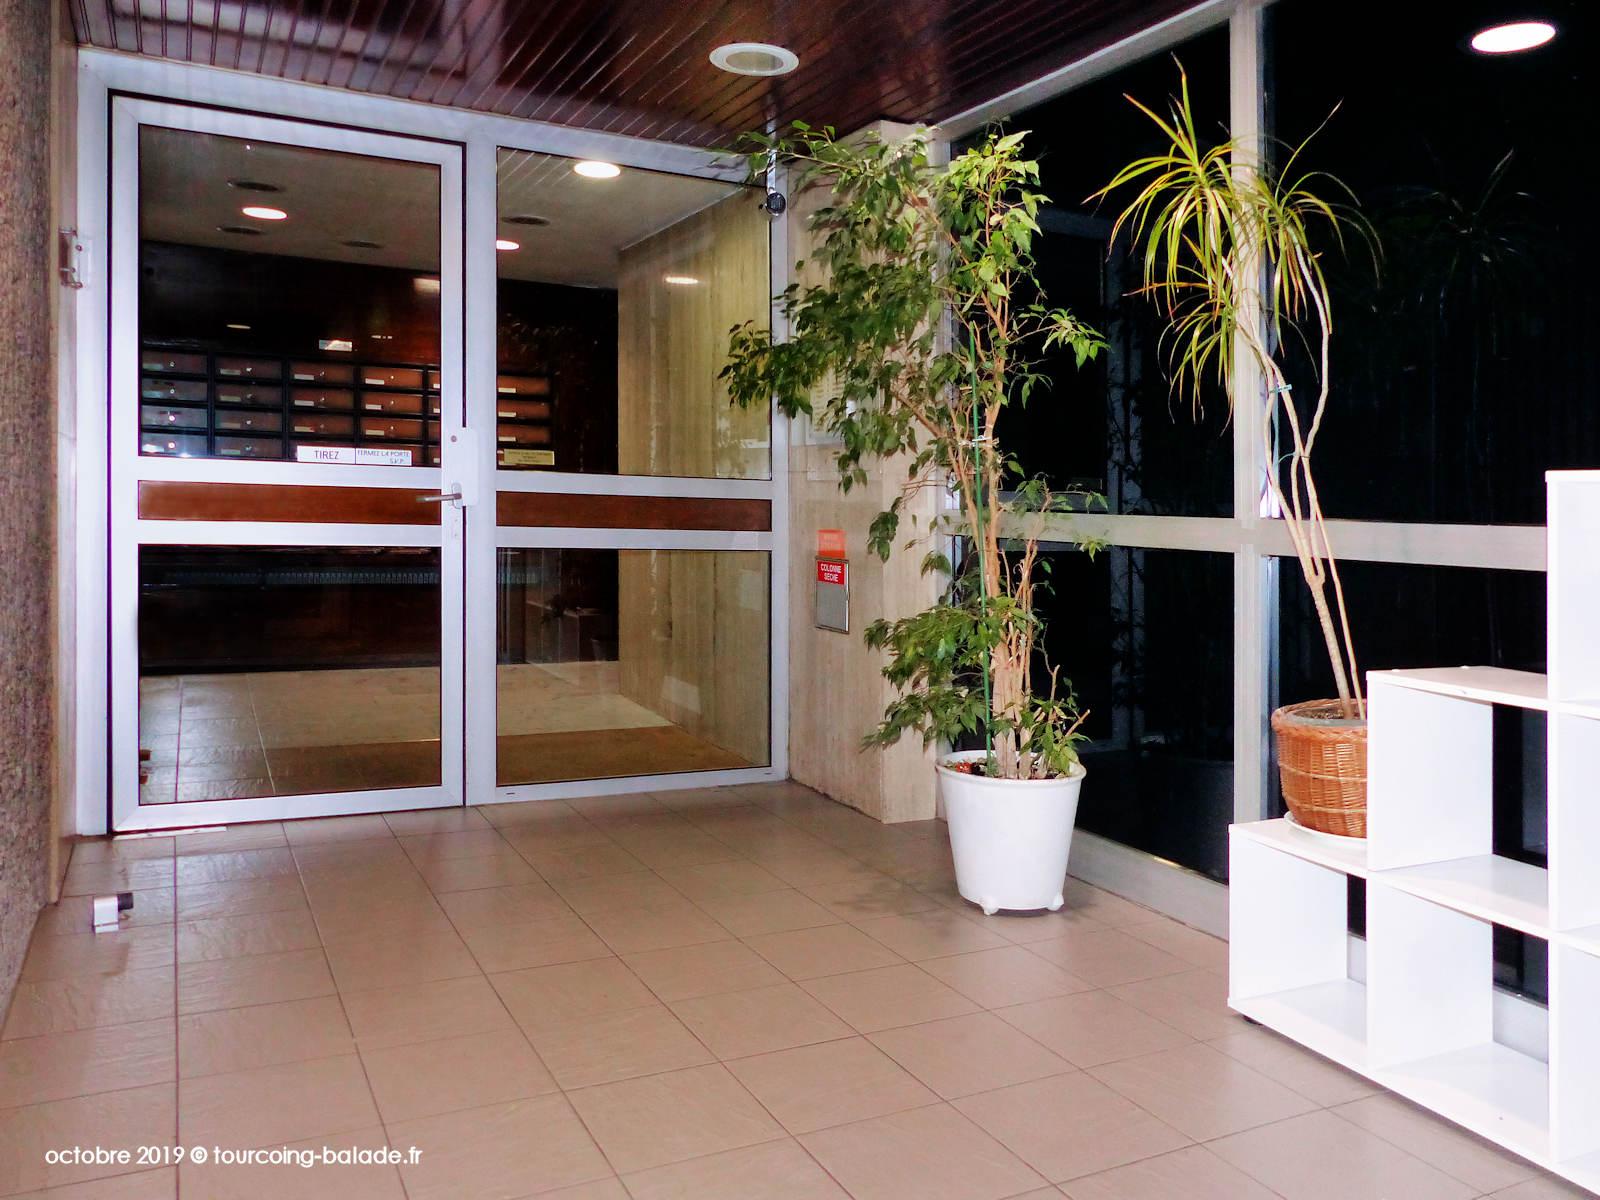 Hall d'entrée de la Résidence Bailly, Tourcoing 2019